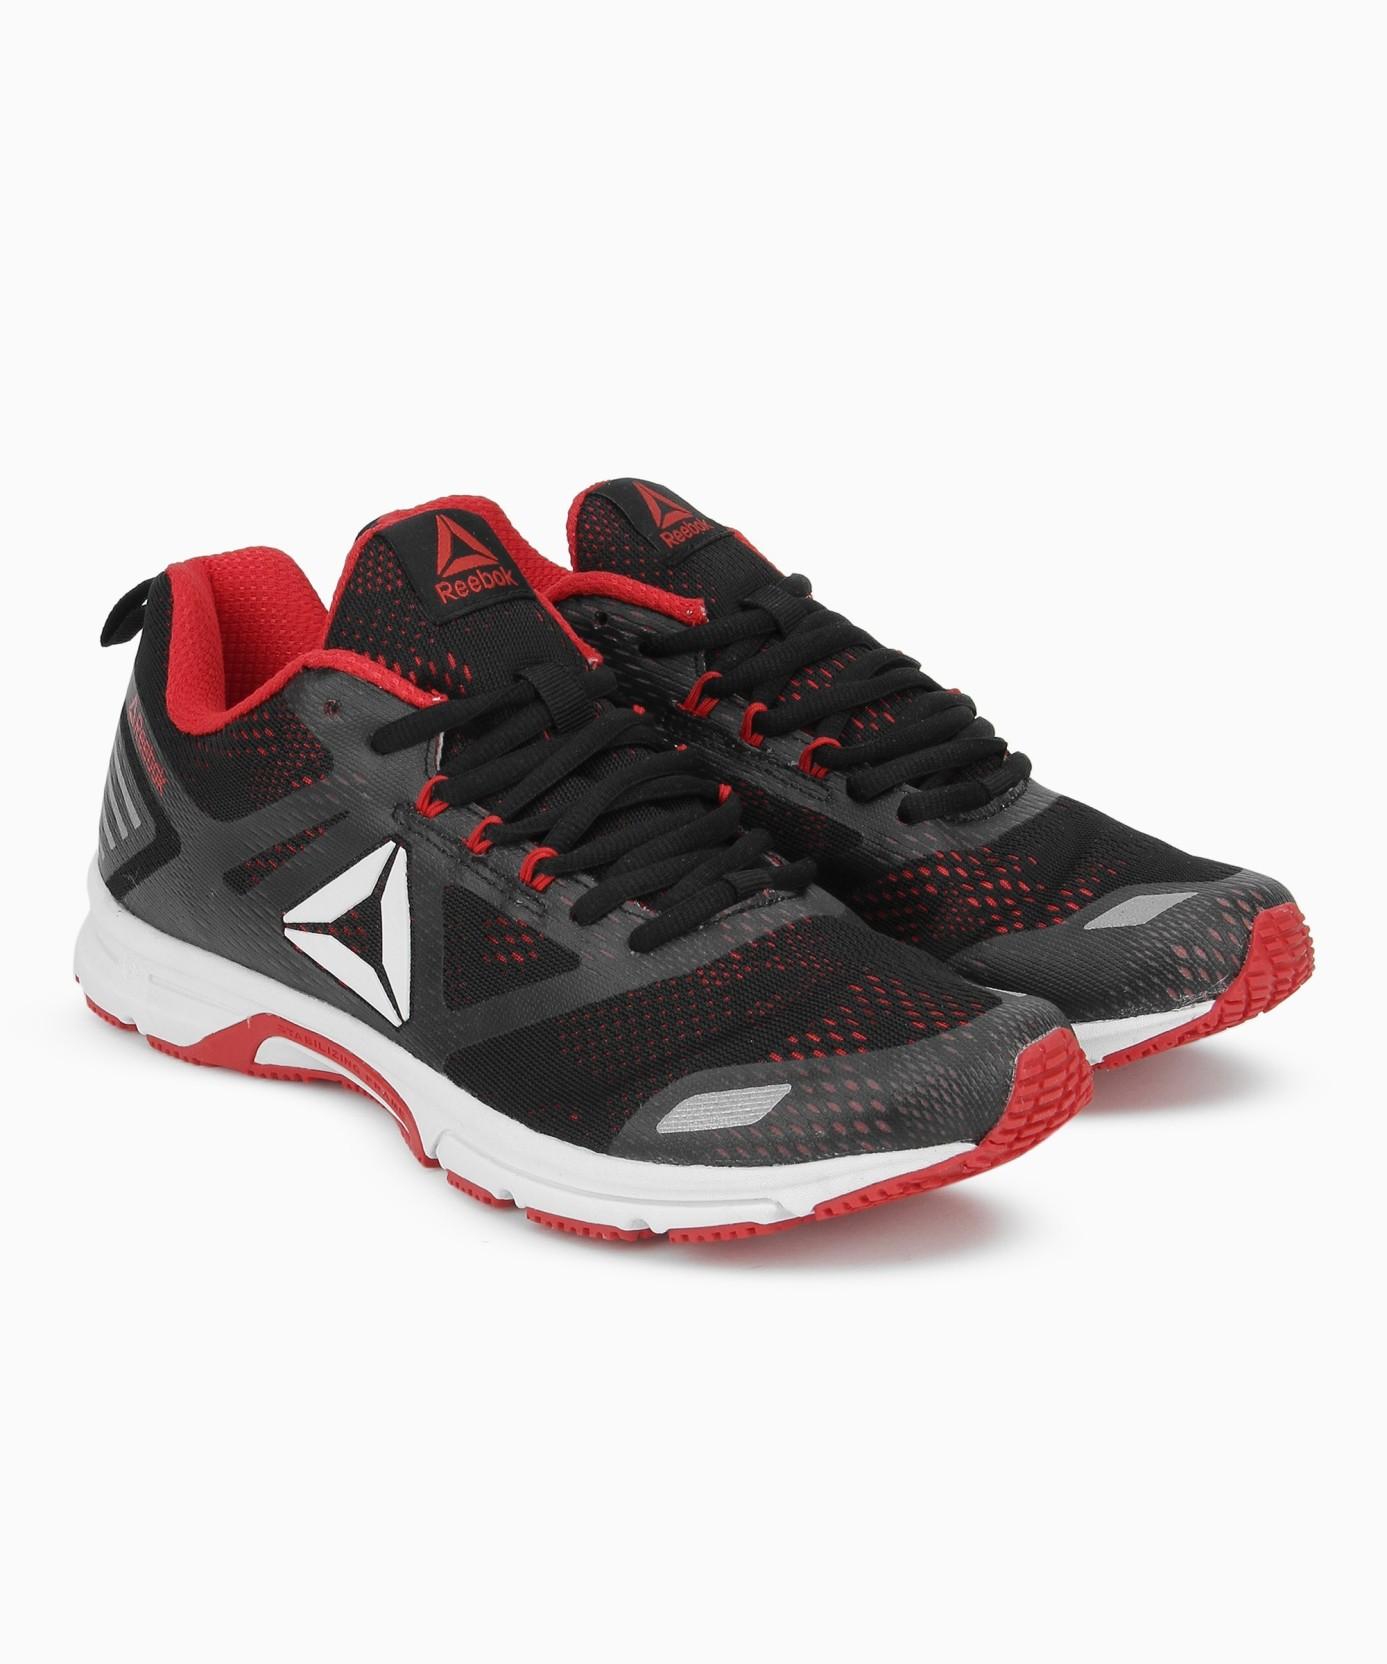 REEBOK AHARY RUNNER Running Shoes For Men - Buy REEBOK AHARY RUNNER ... 3020bd56e